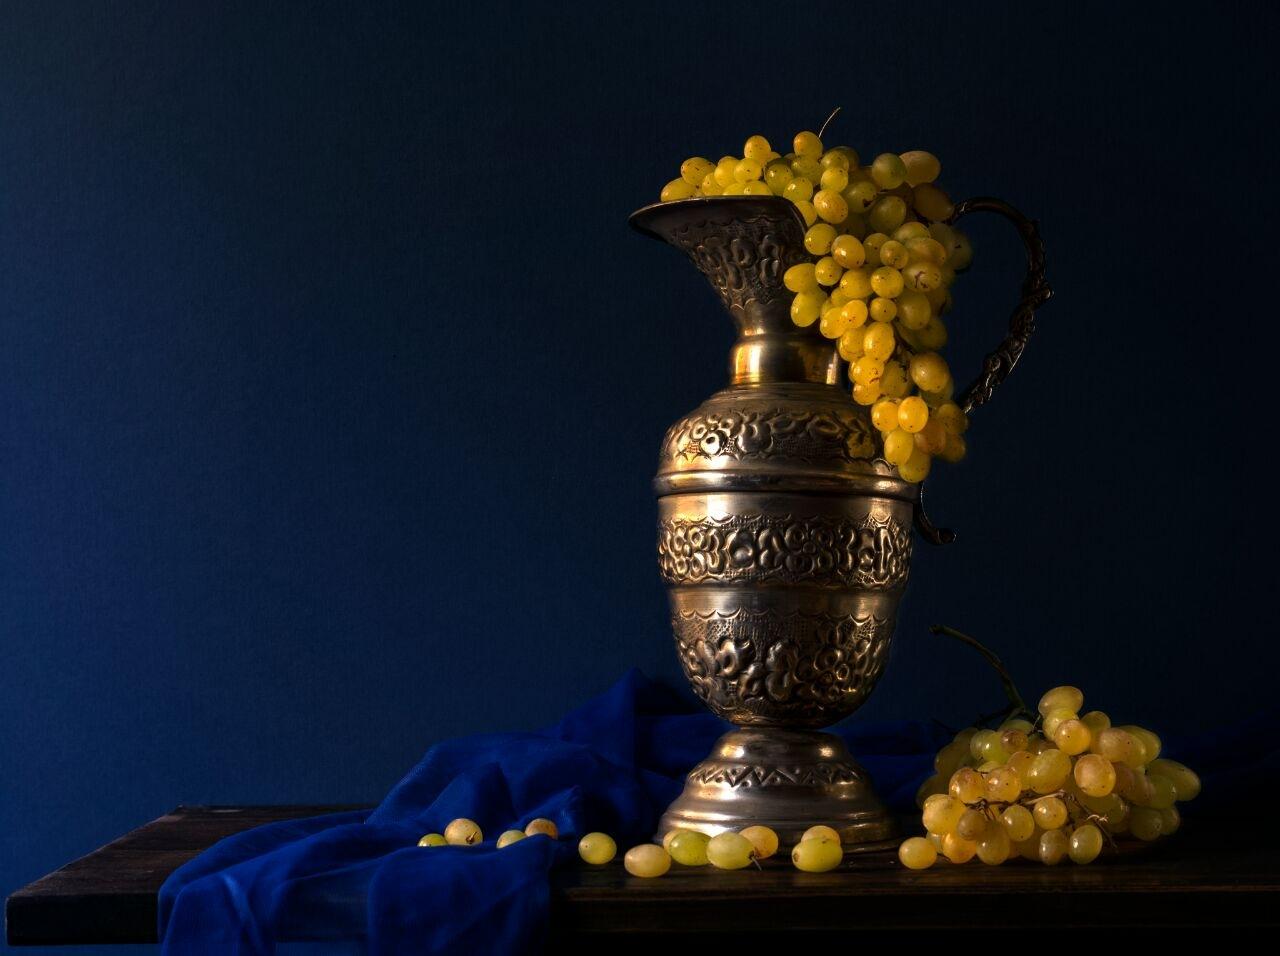 Untitled by Dina Ezzeldin